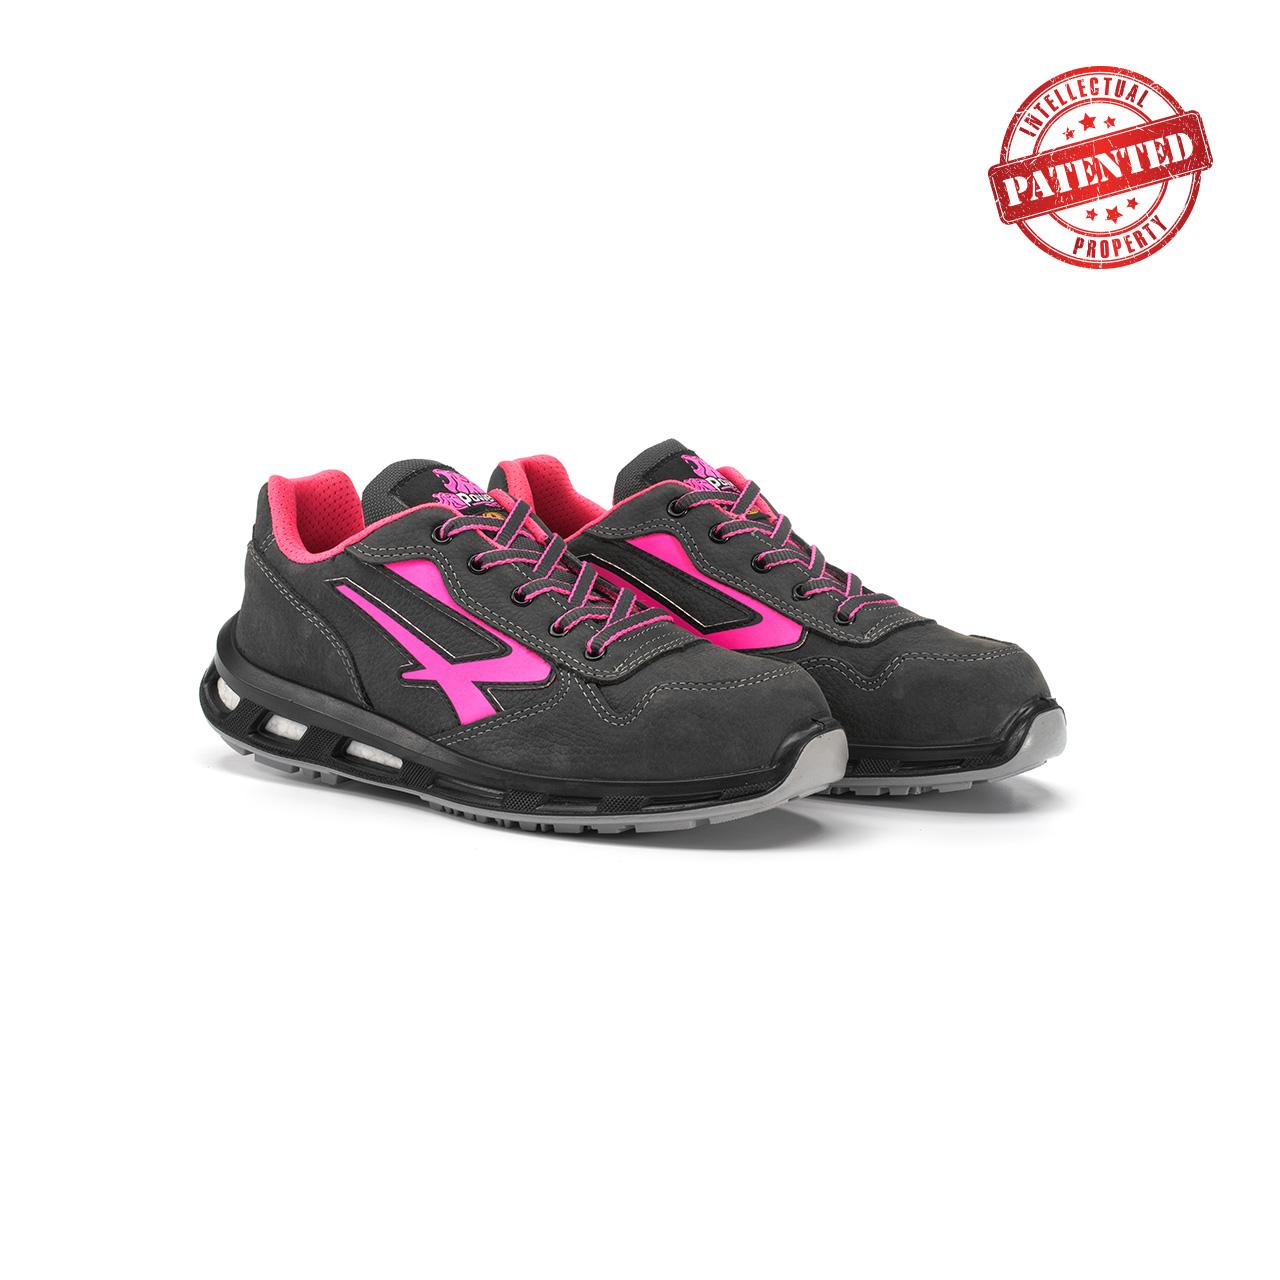 paio di scarpe antinfortunistiche upower modello candy linea redlion vista prospettica